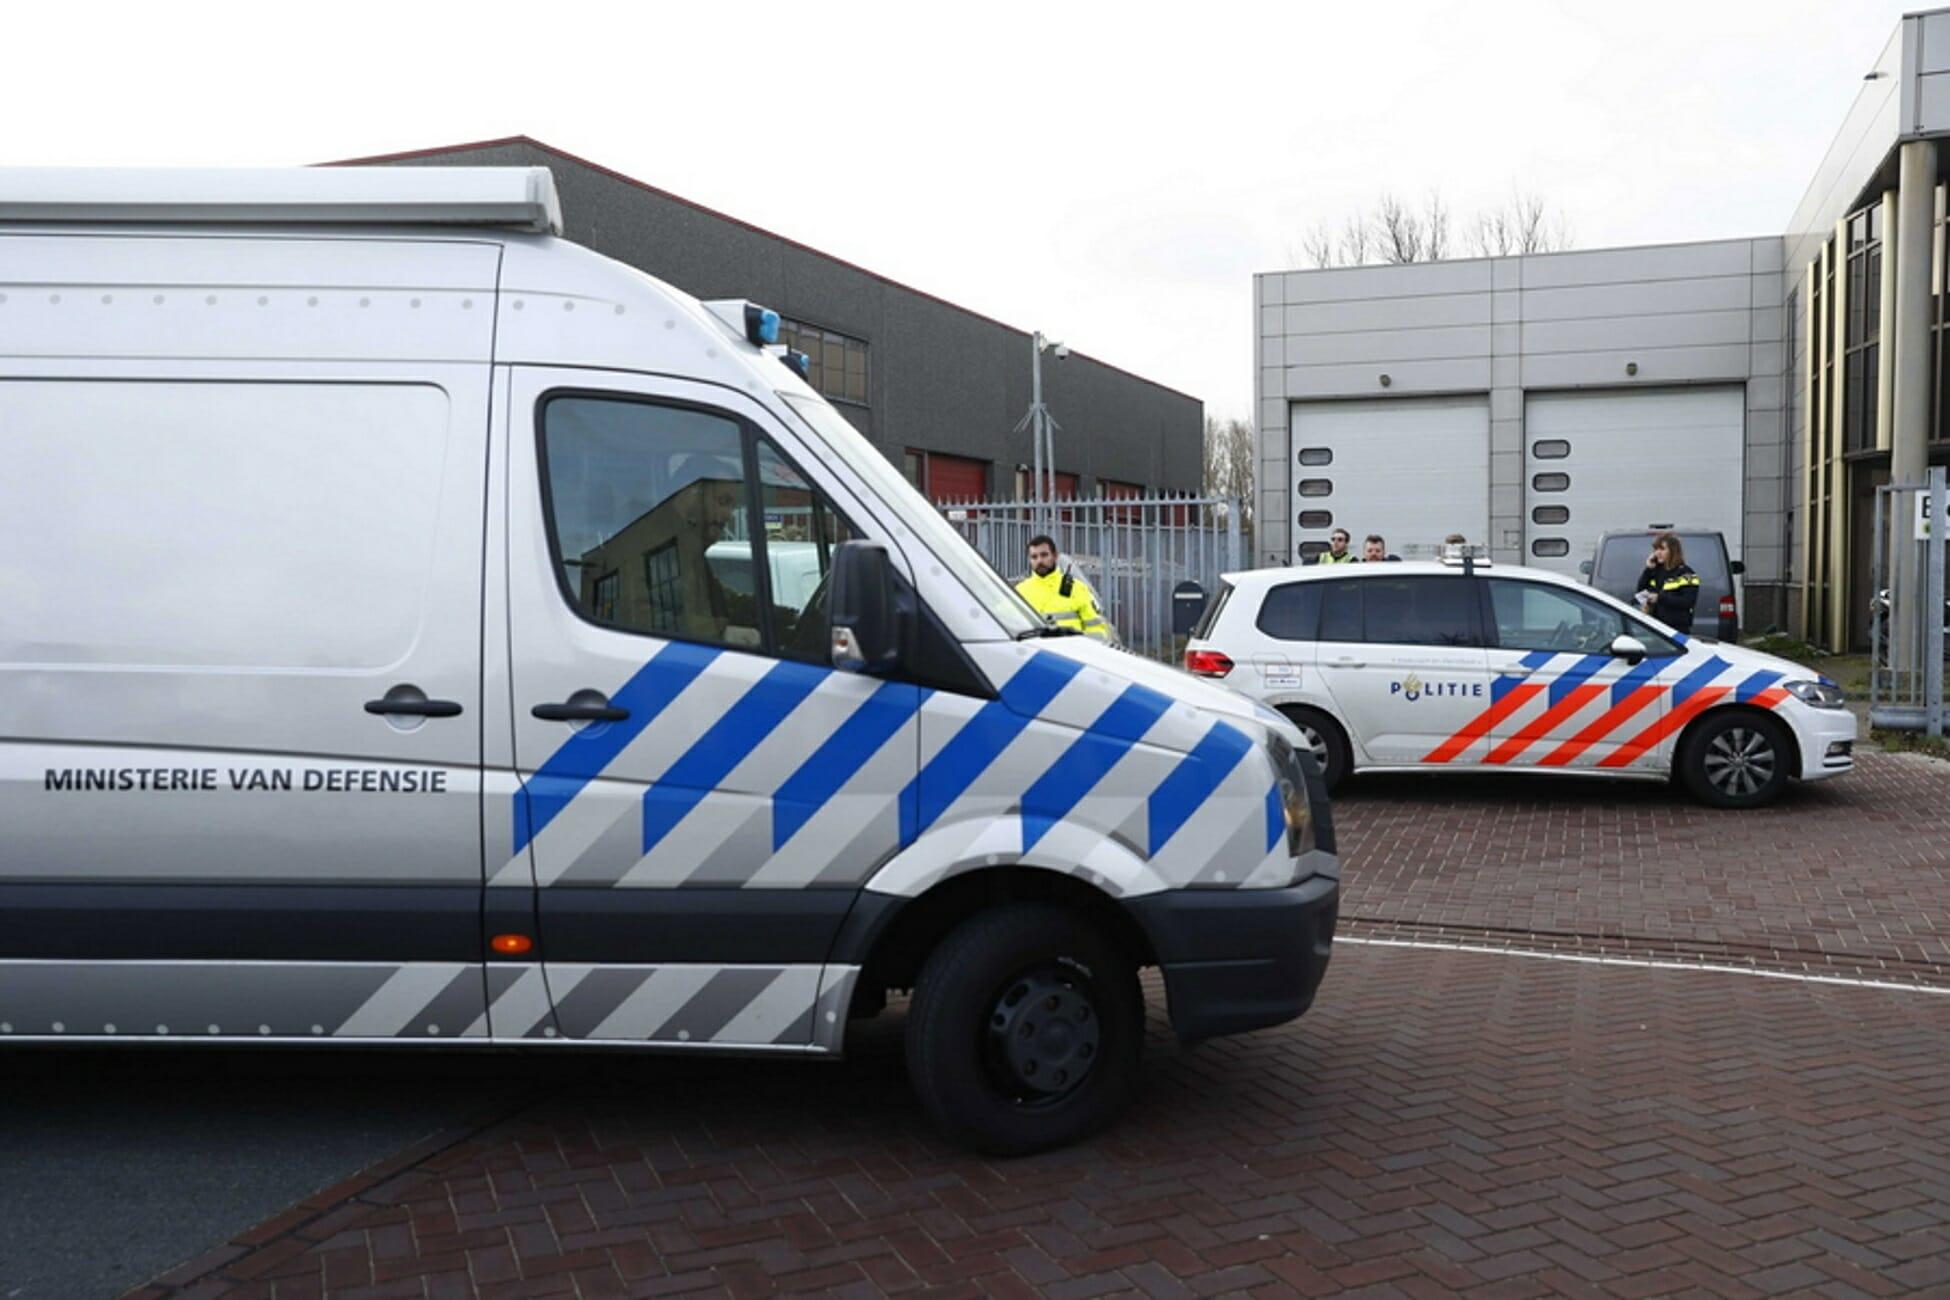 Μπαράζ εκρήξεων μέσω παγιδευμένων επιστολών στην Ολλανδία - Ποια κίνηση έσωσε εργαζόμενο